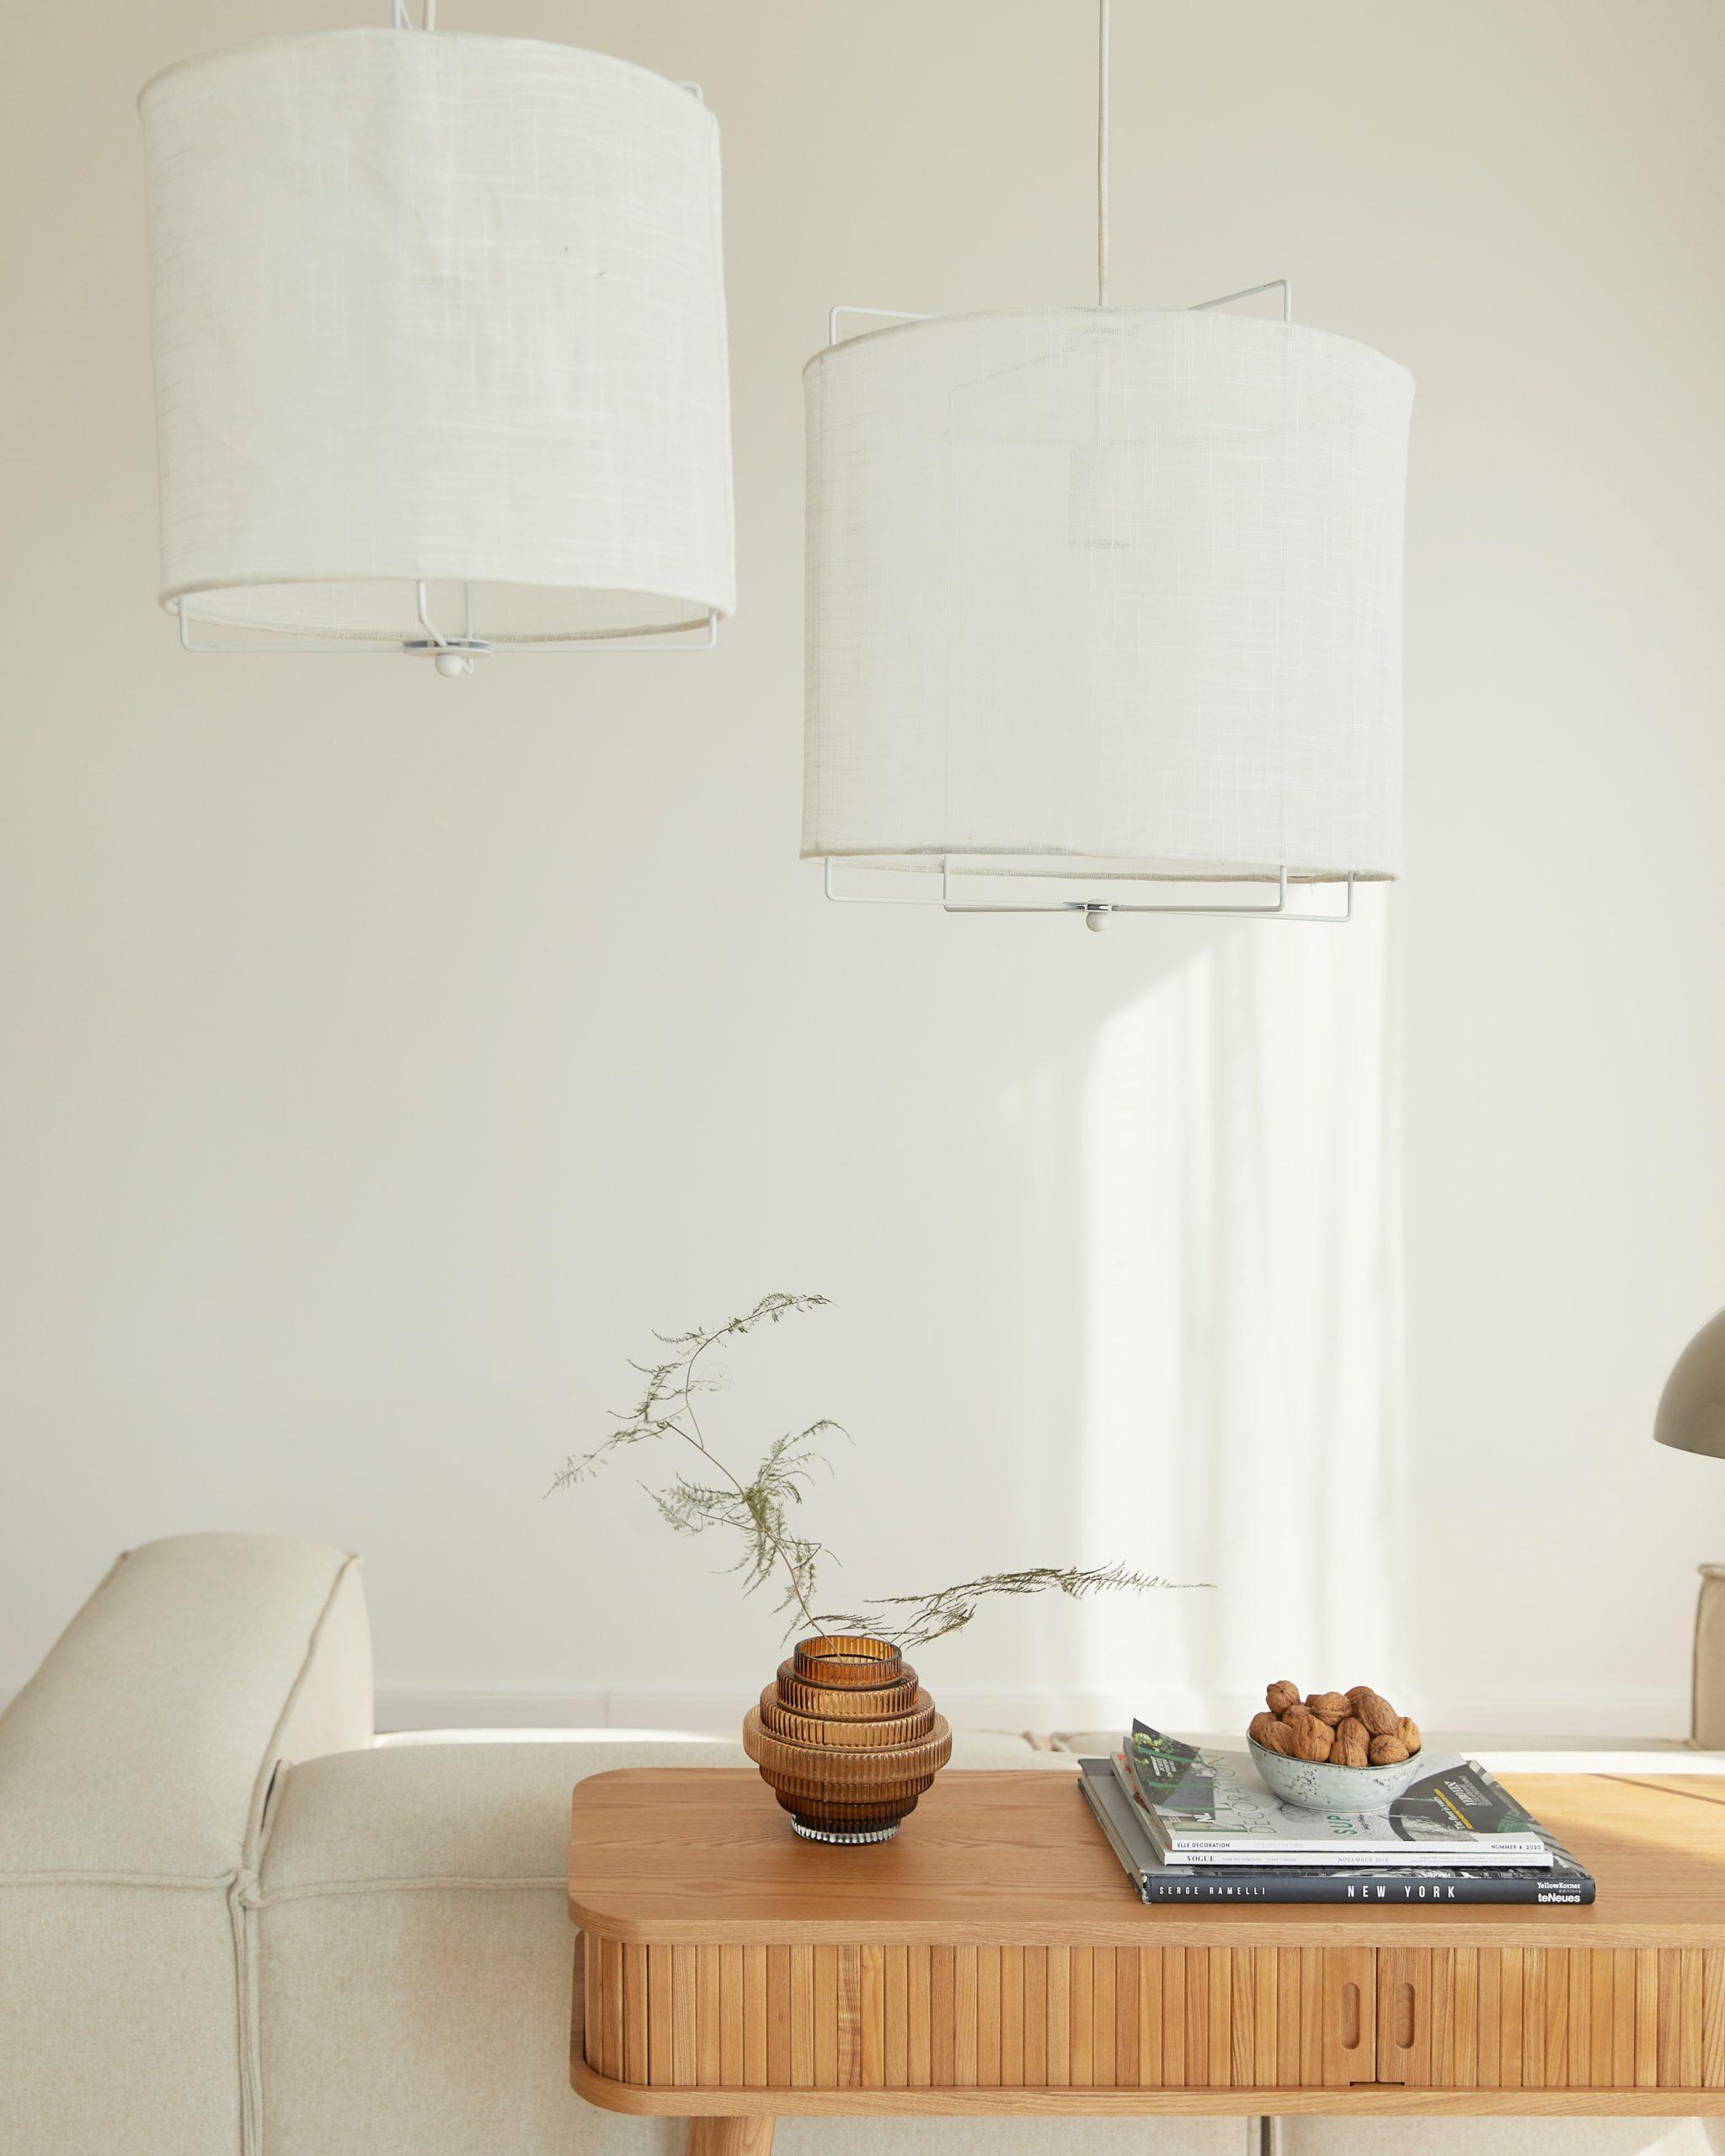 Lichte woonkamer met twee ronde hanglampen en witt lennon sofa